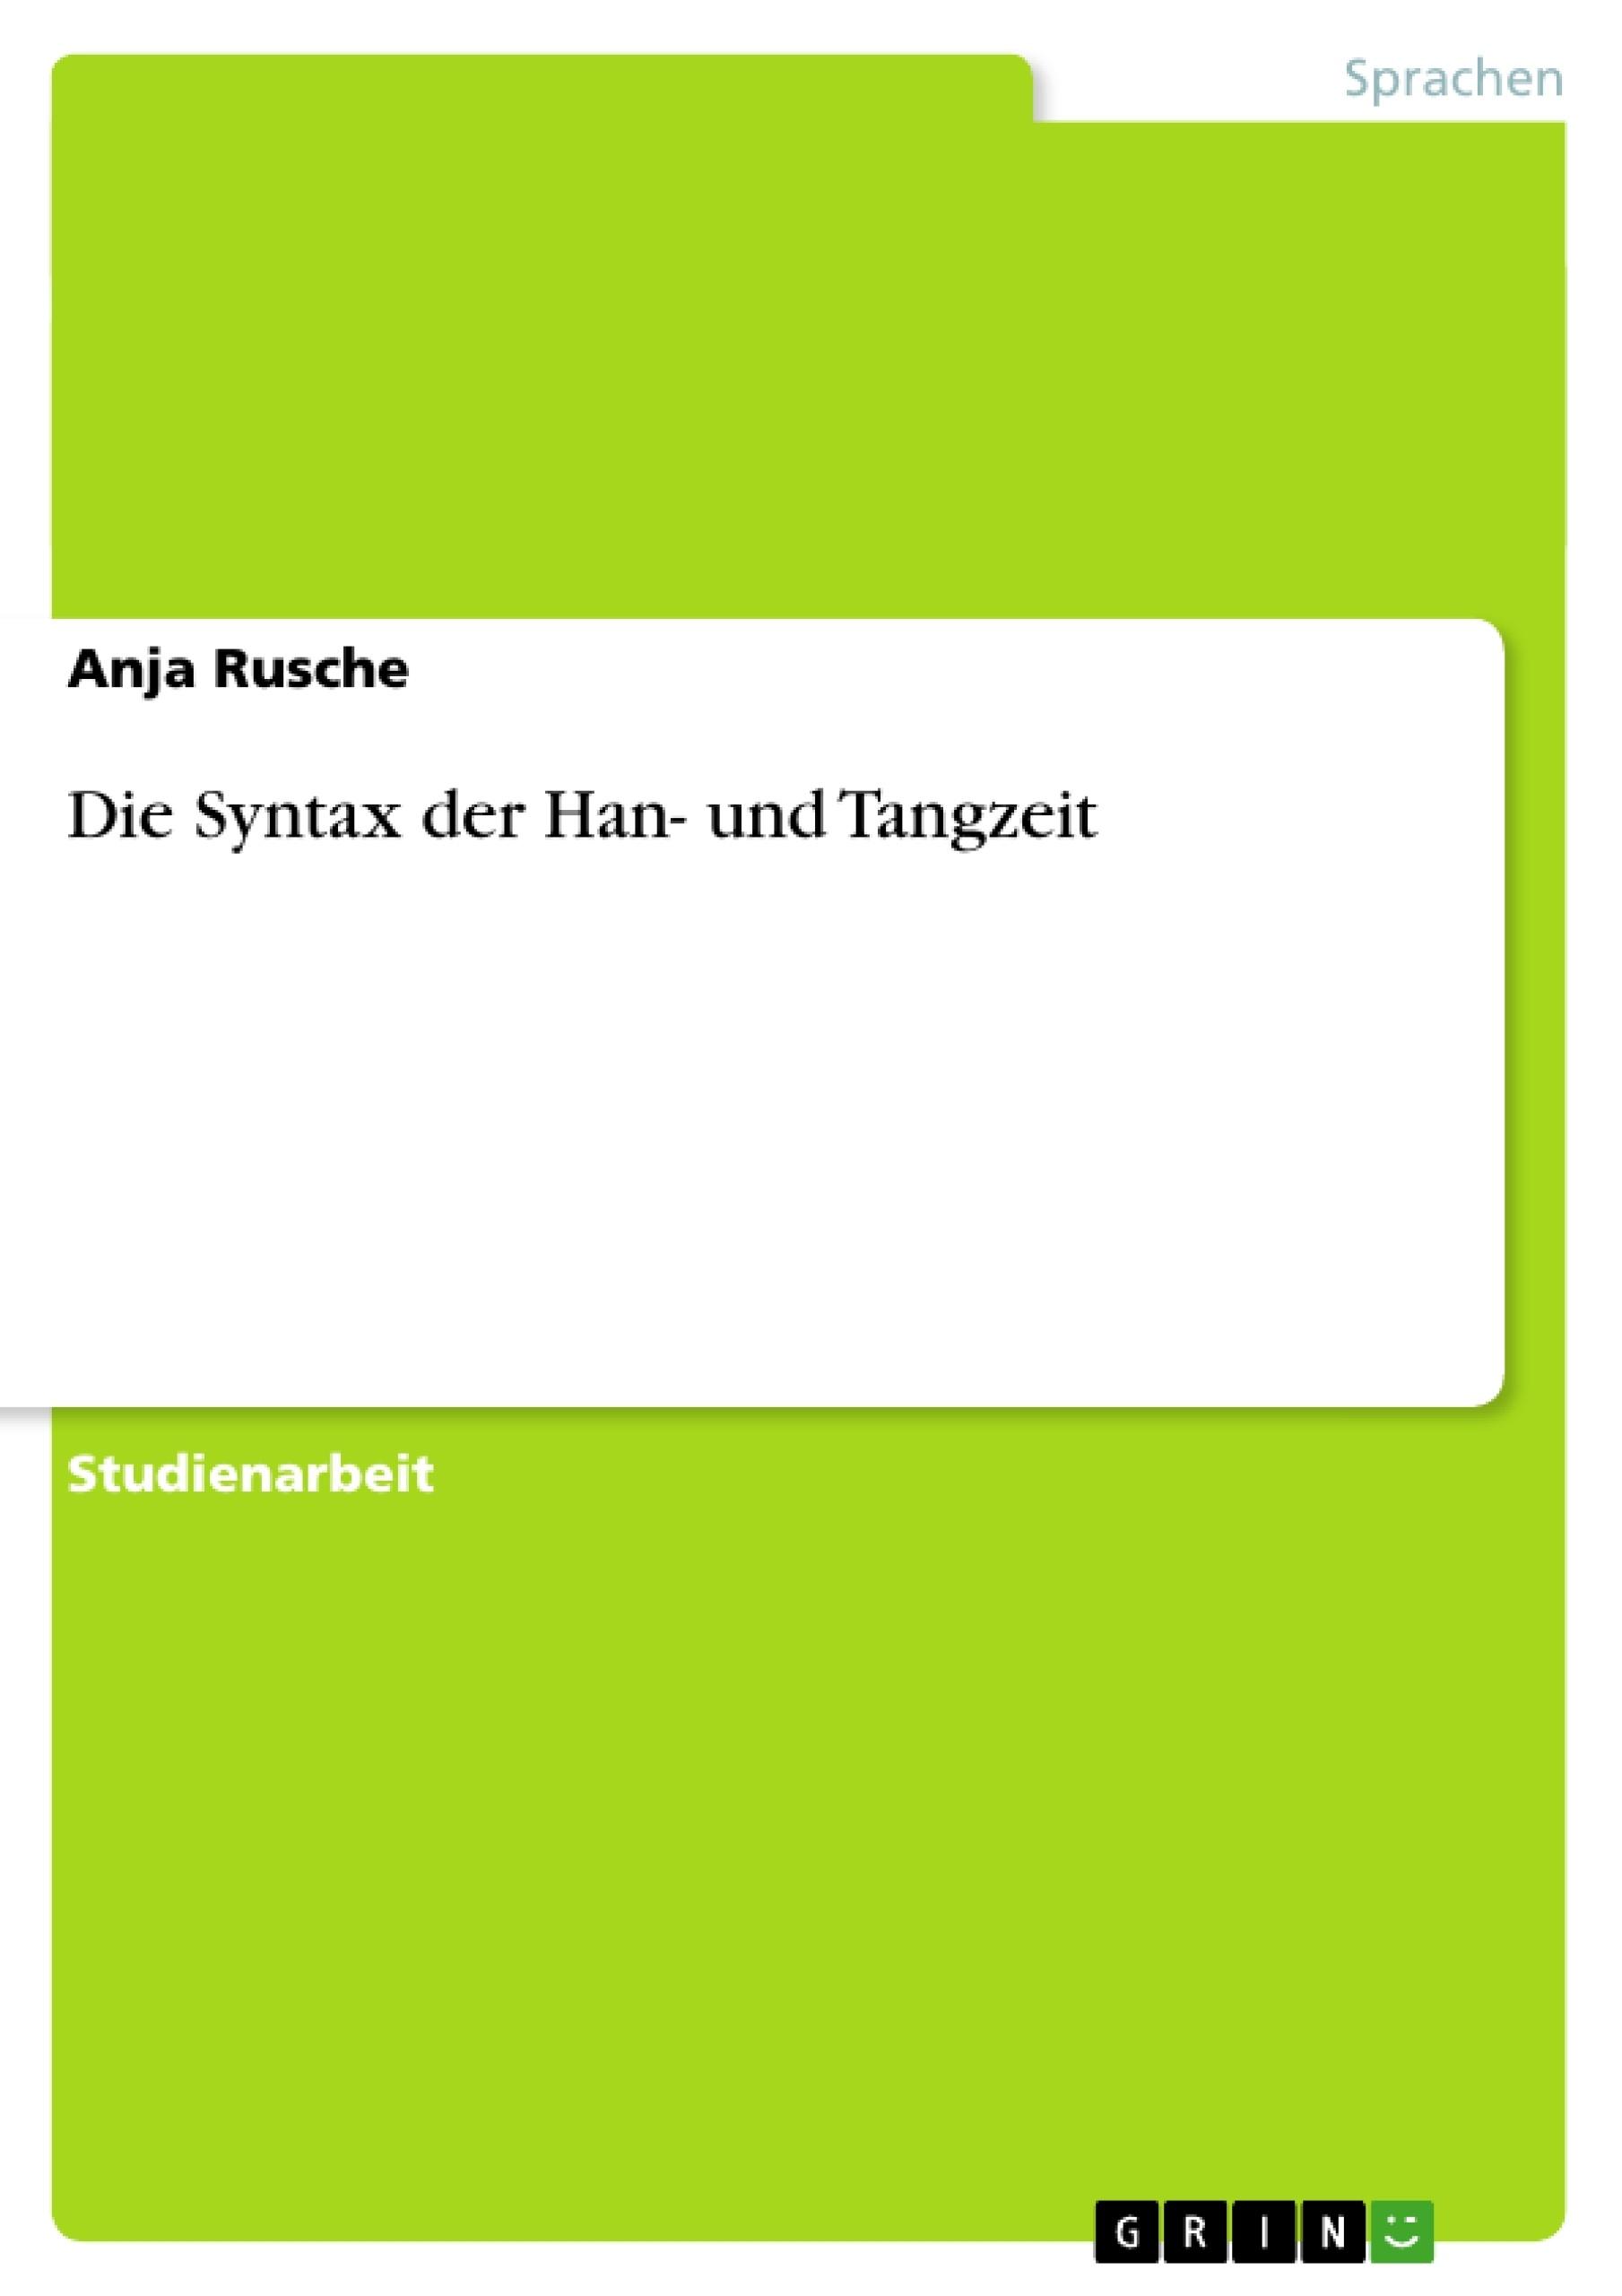 Titel: Die Syntax der Han- und Tangzeit